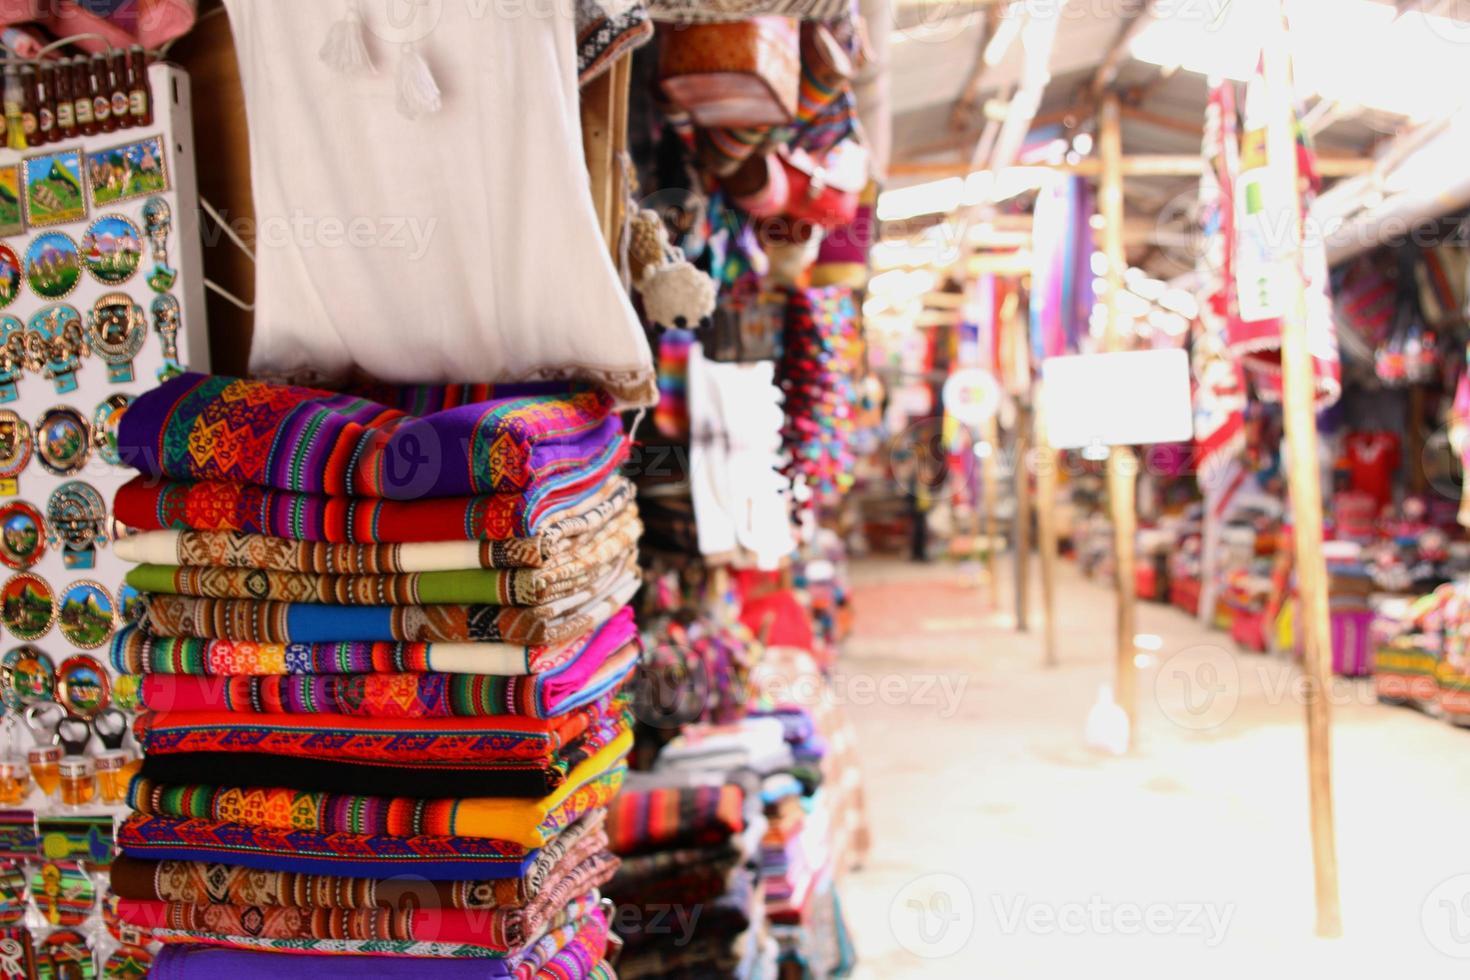 prodotti peruviani locali. strade di Cuzco. arti tradizionali foto